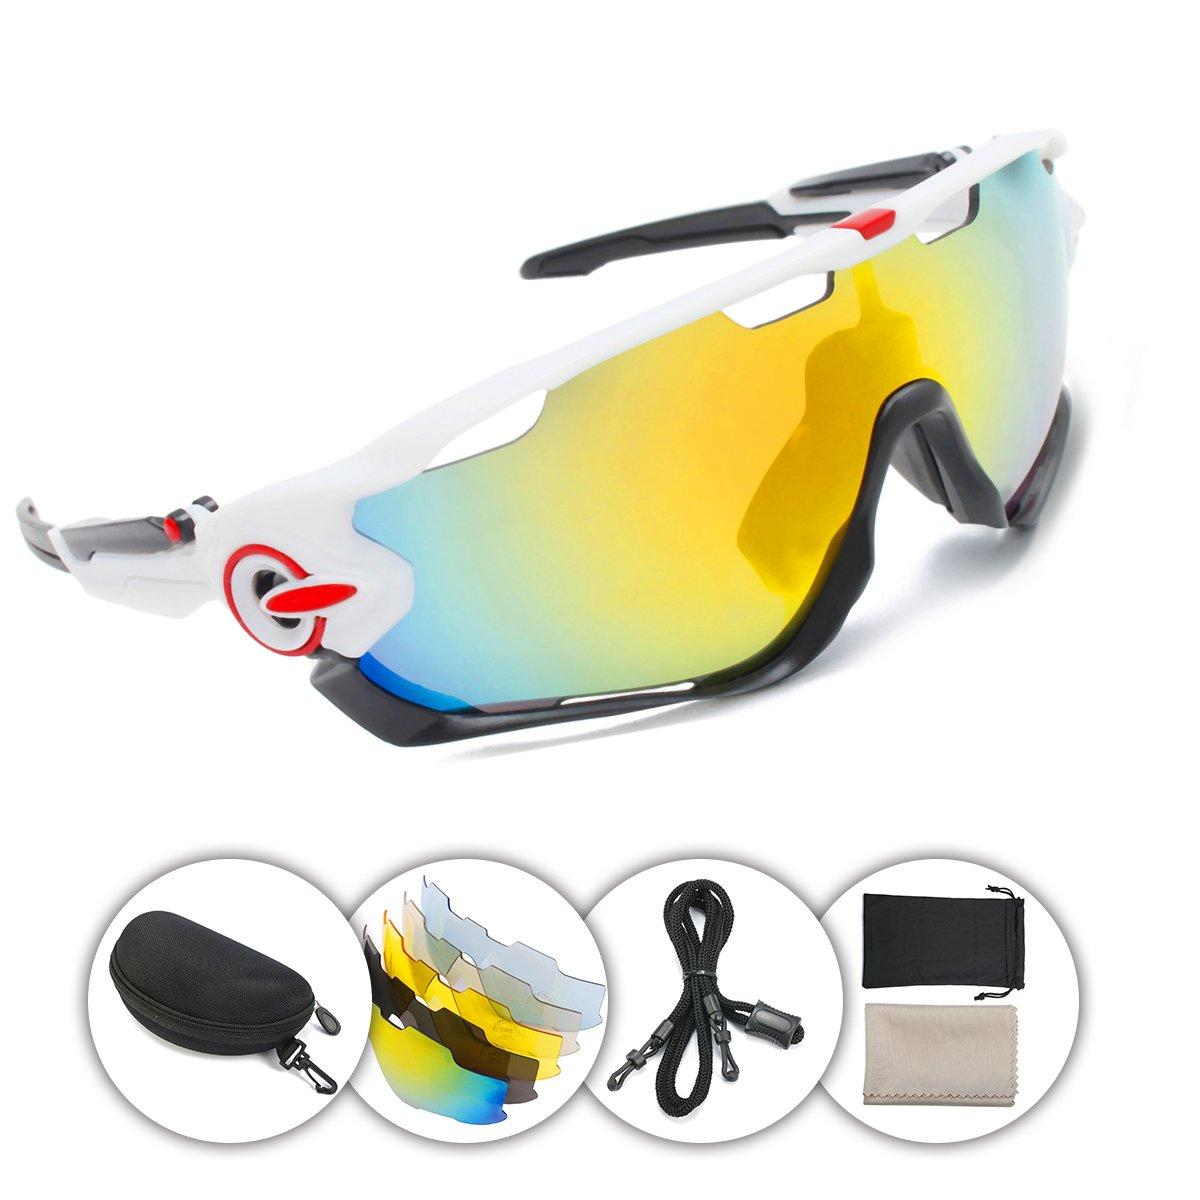 OUTERDO deportes polarizada gafas de sol Ciclismo UV Protección para los ojos resistente al viento gafas con 5 lentes para grabación de deportes al ...